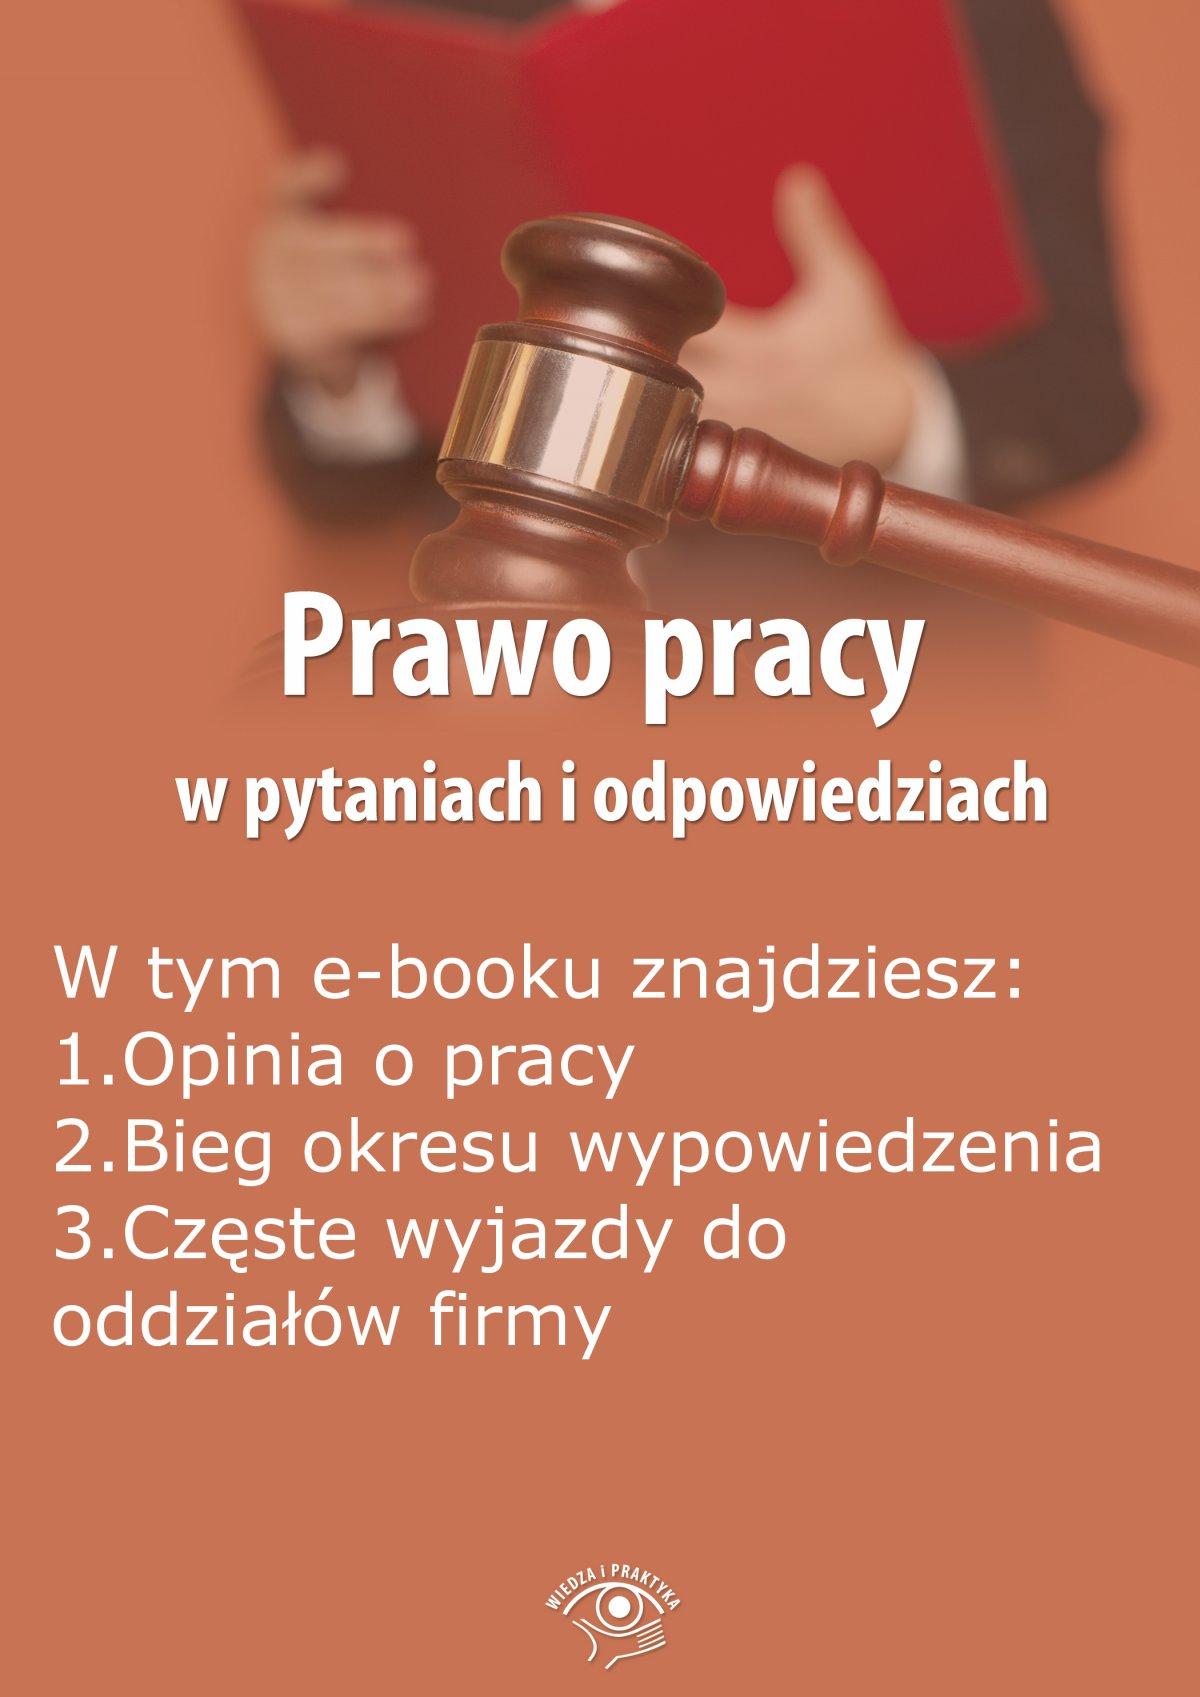 Prawo pracy w pytaniach i odpowiedziach, wydanie lipiec-sierpień 2015 r. - Ebook (Książka PDF) do pobrania w formacie PDF